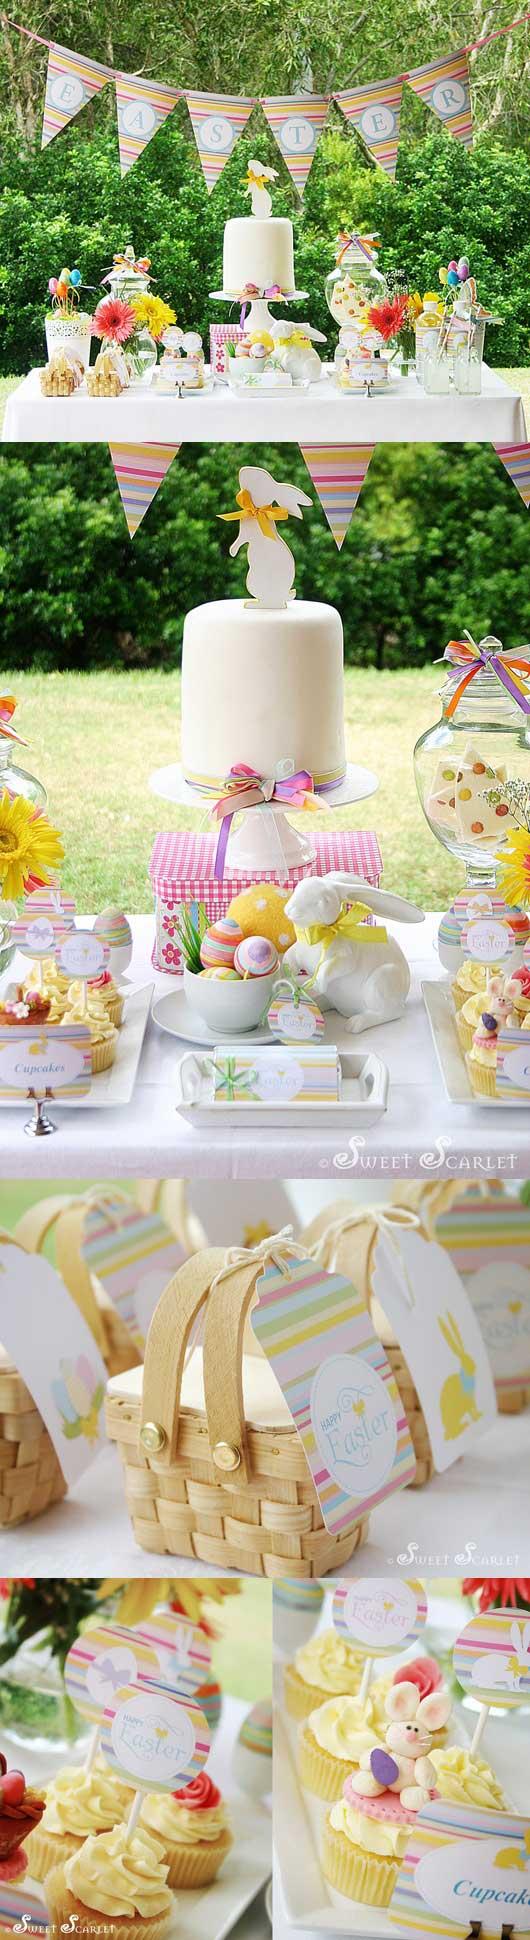 Lavoretti di Pasqua per Bambini: coordinato tavola pasquale